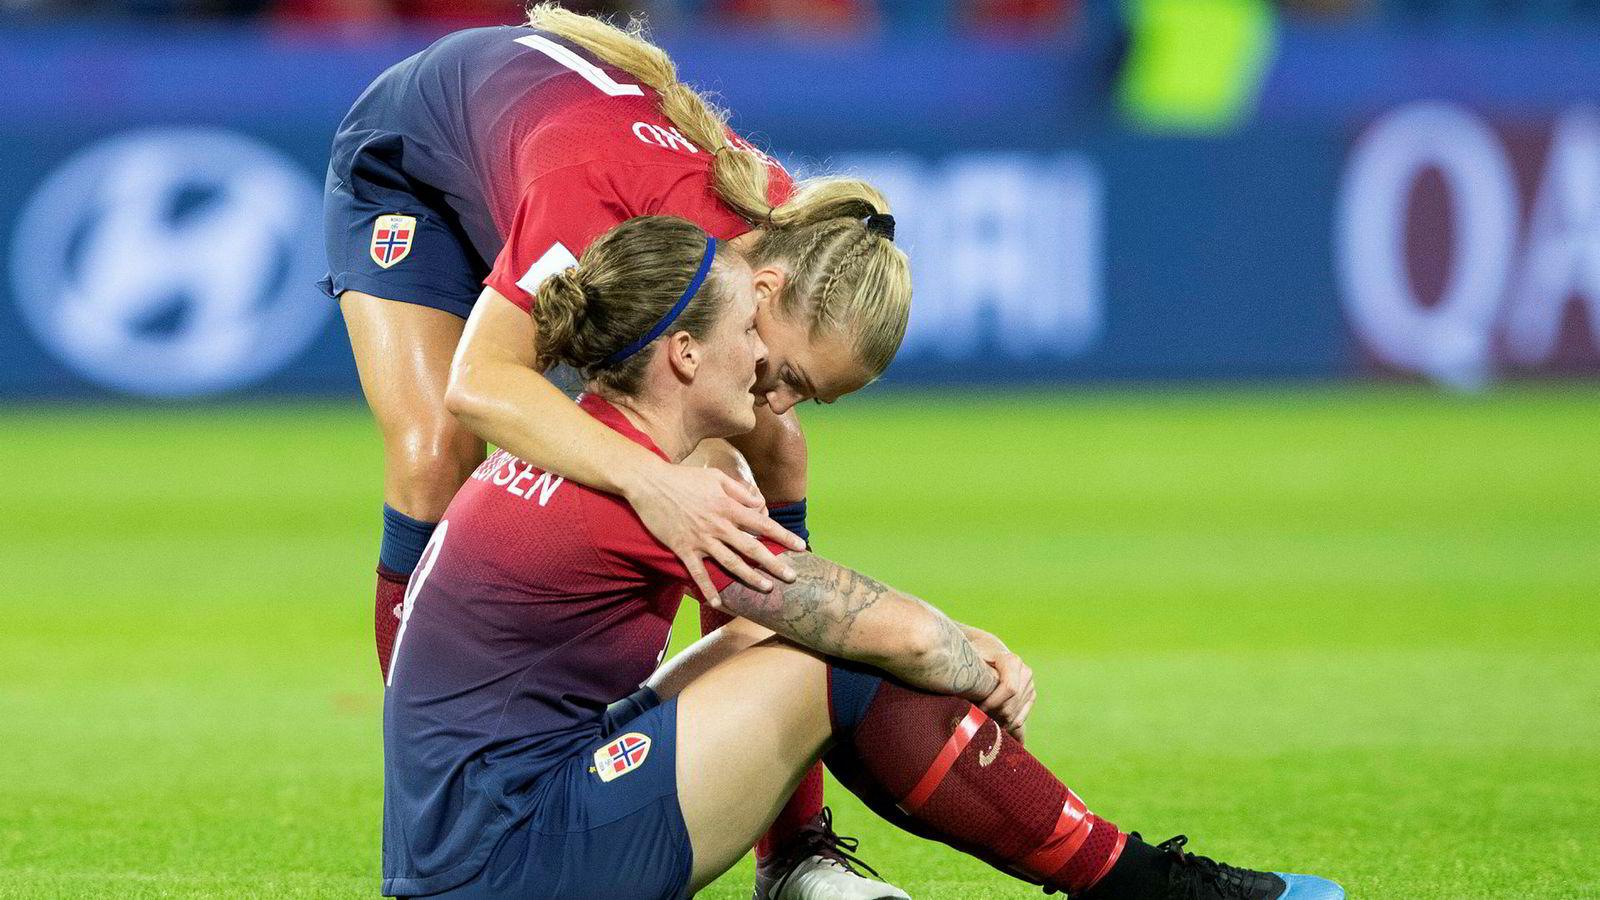 Isabell Lehn Herlovsen og Lisa-Marie Utland fortvilte, mens de engelske spillerne jublet etter torsdagens kvartfinale mot England på Stade Océane, som endte 3–0 til England.